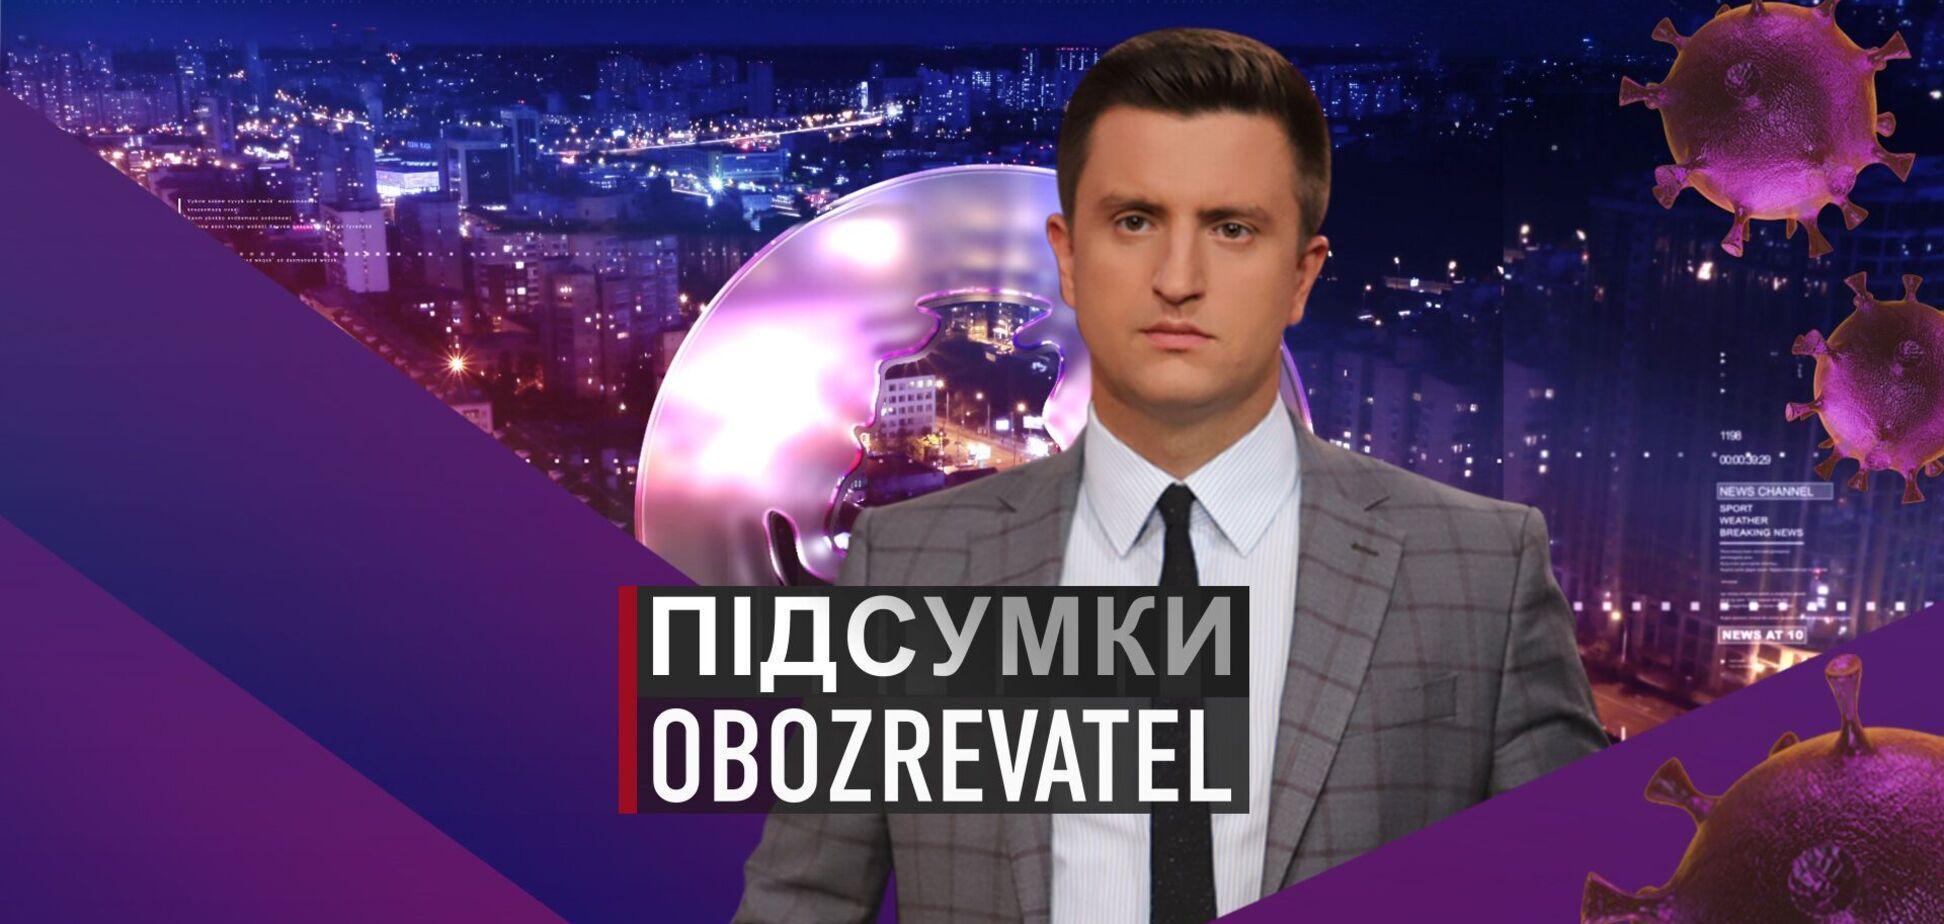 Підсумки з Вадимом Колодійчуком. Четвер, 6 травня